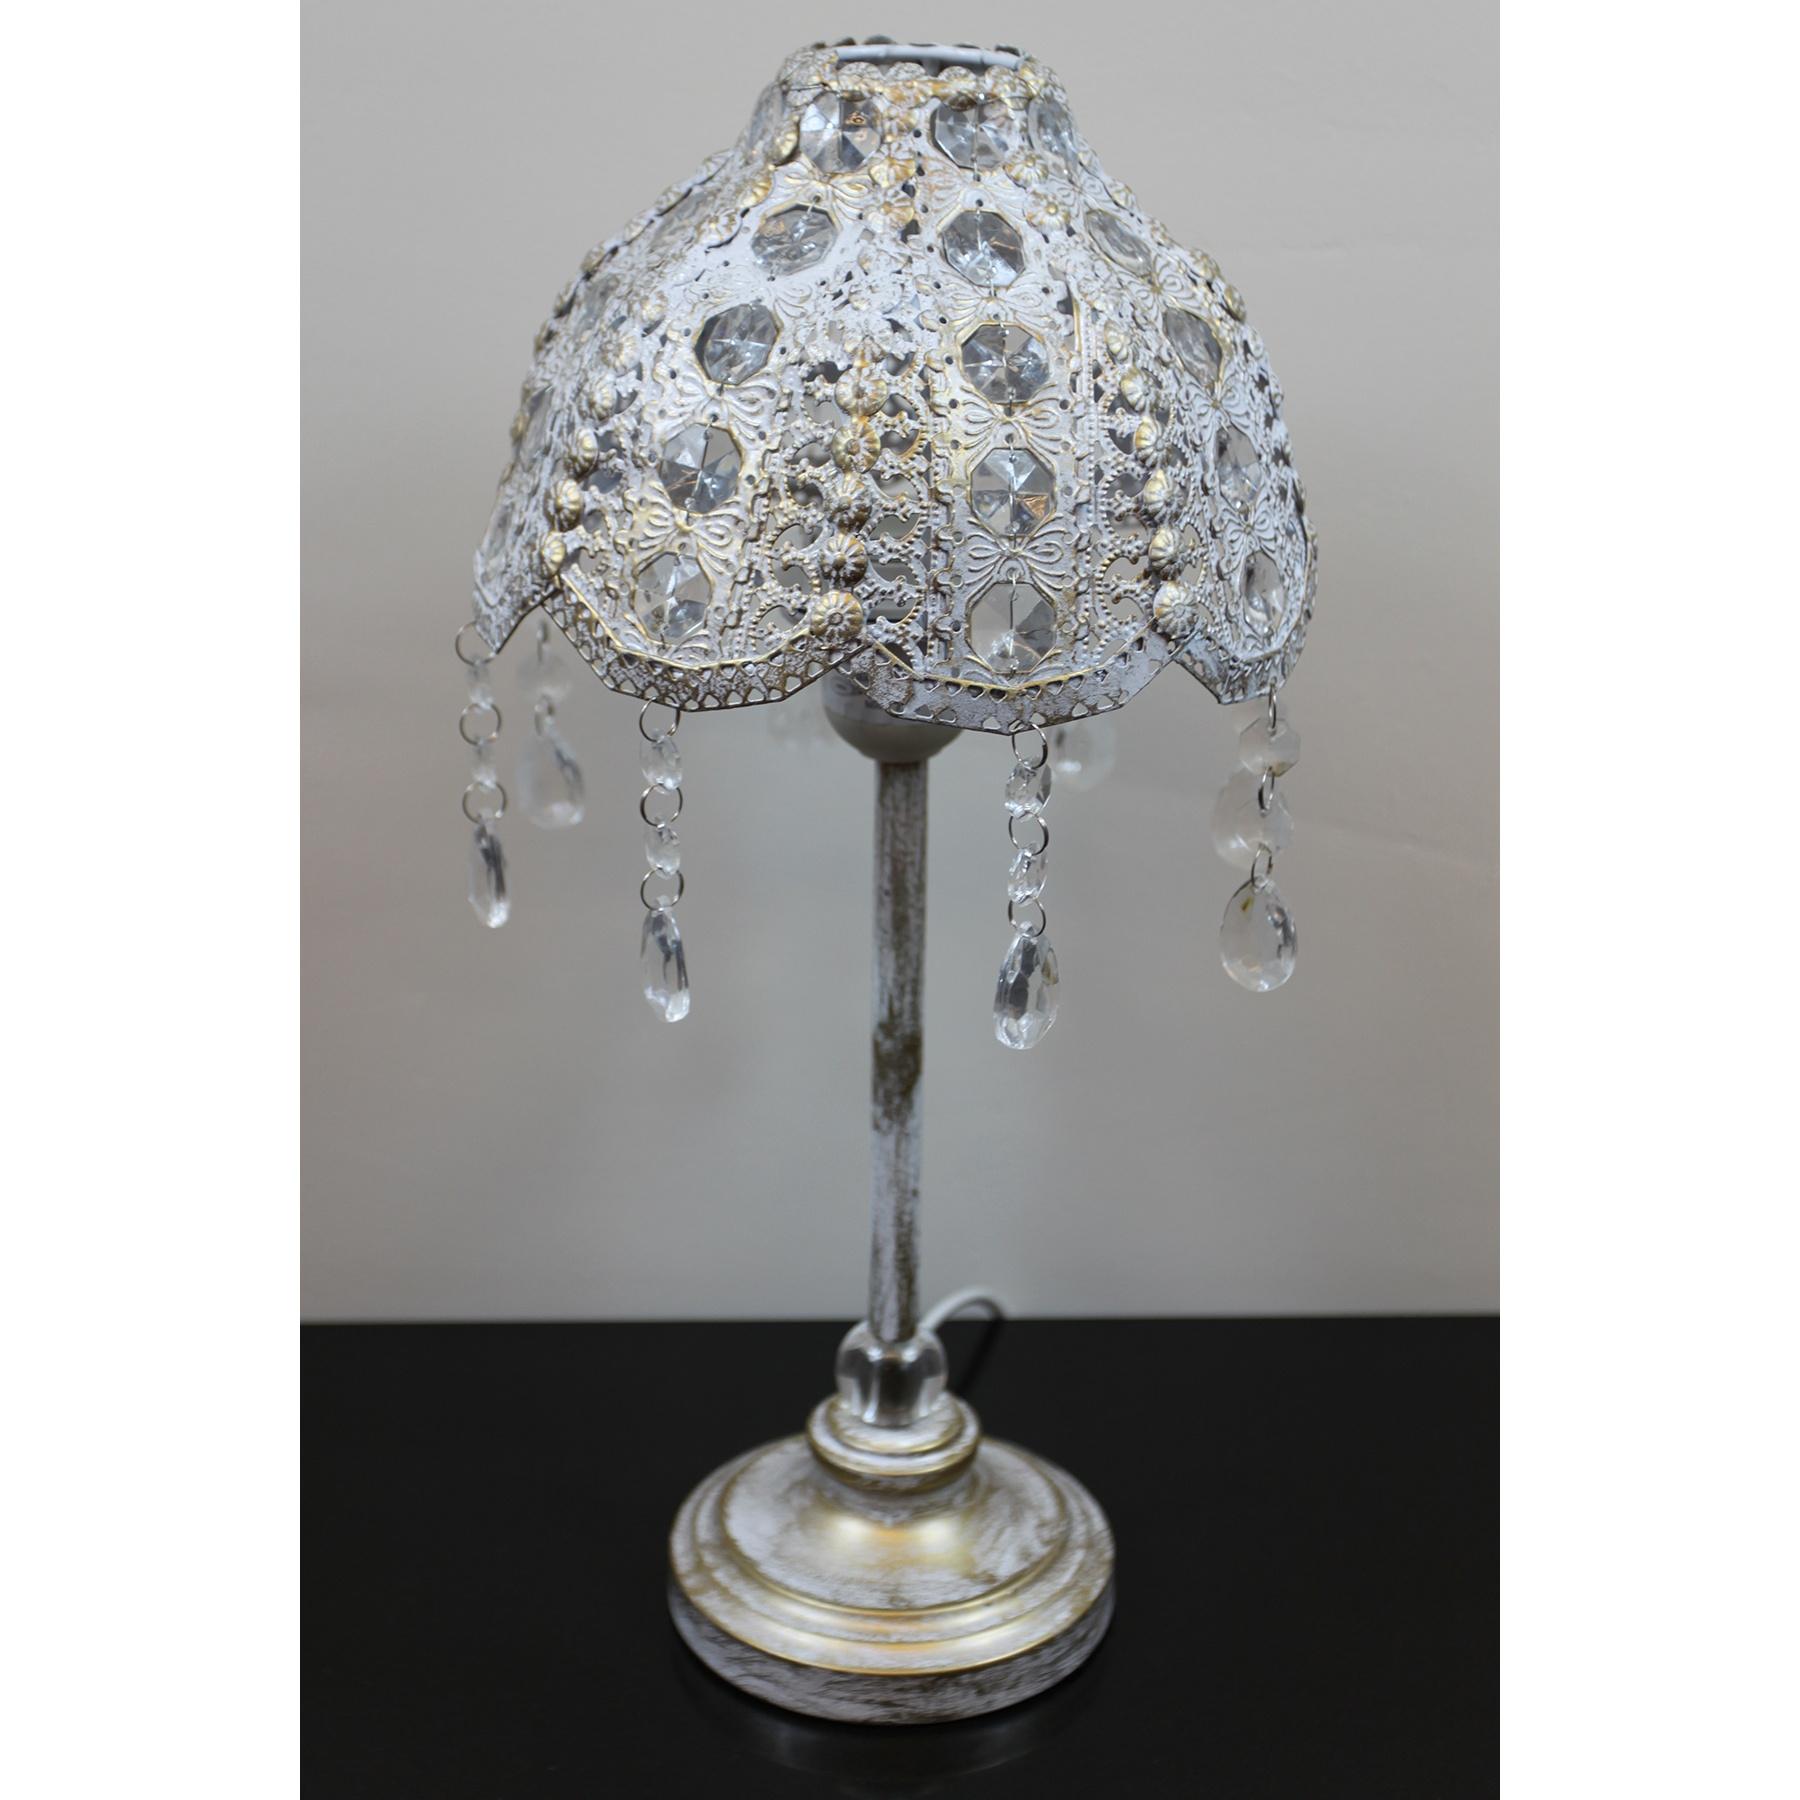 Metal Shade Buffet Lamp: Buy Elegant Buffet Lamp